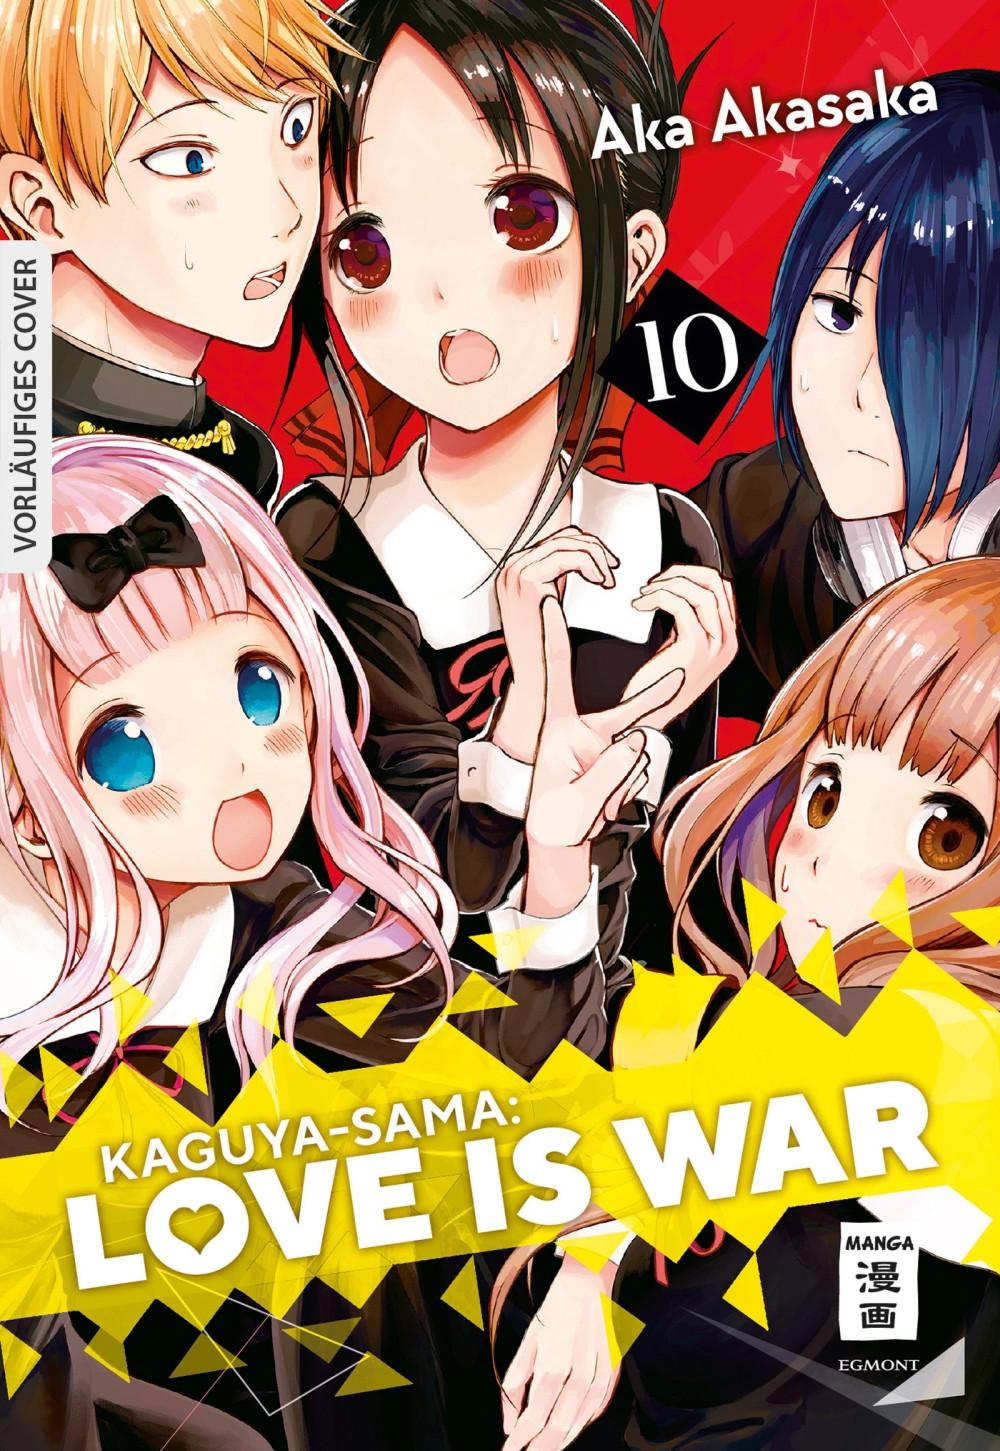 Kaguya-sama: Love is War 10 Manga